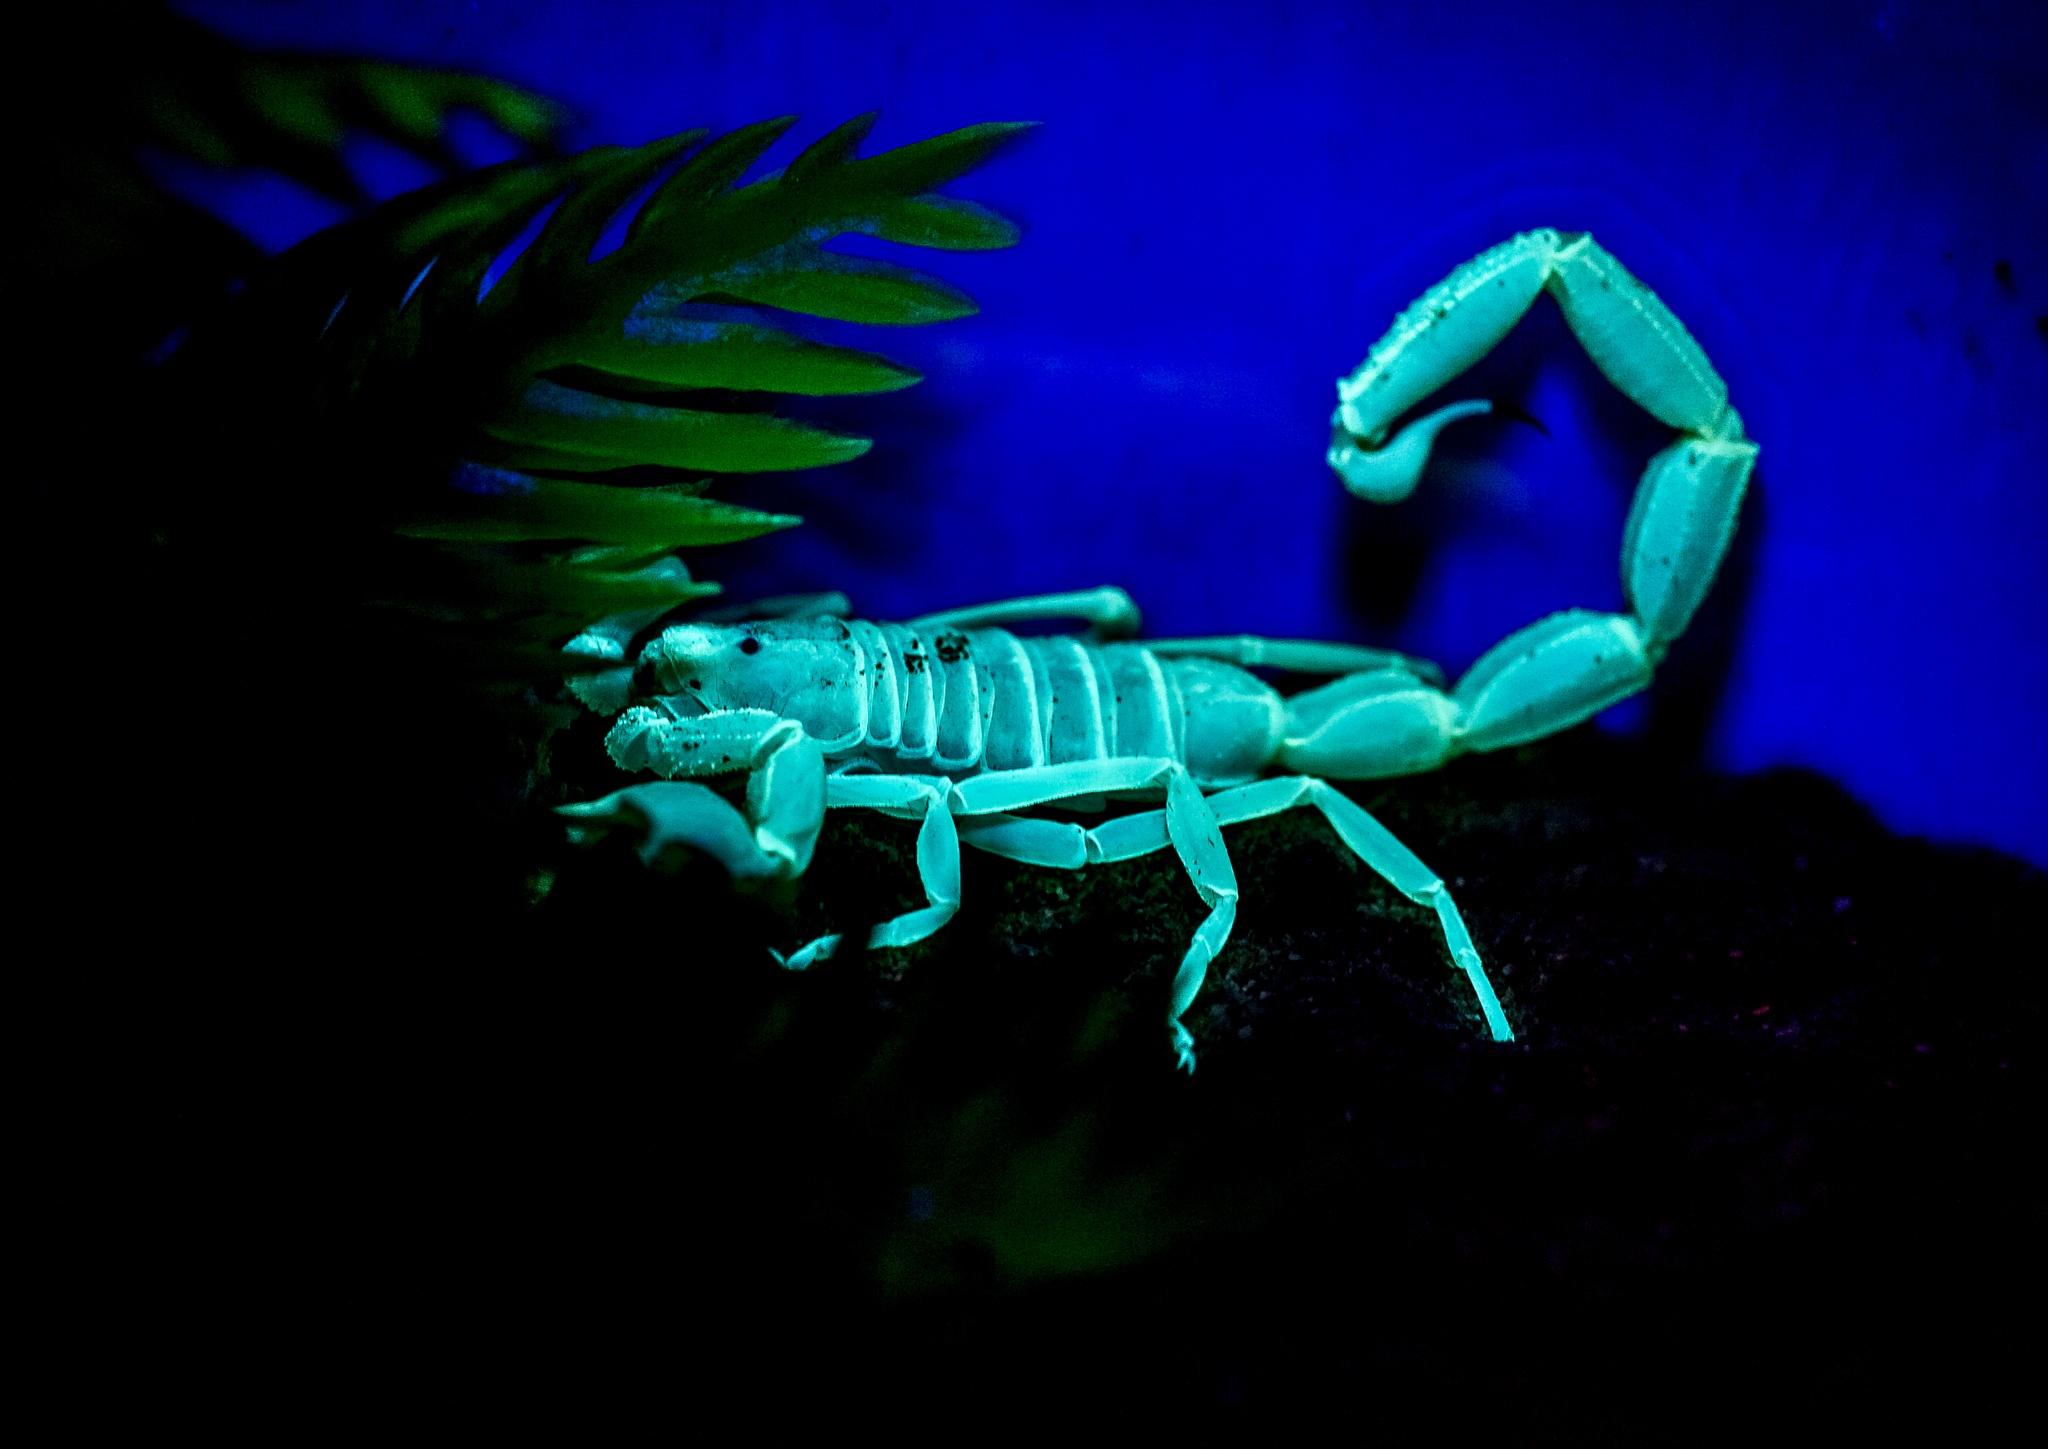 Scorpion by Mohammed Al Ali